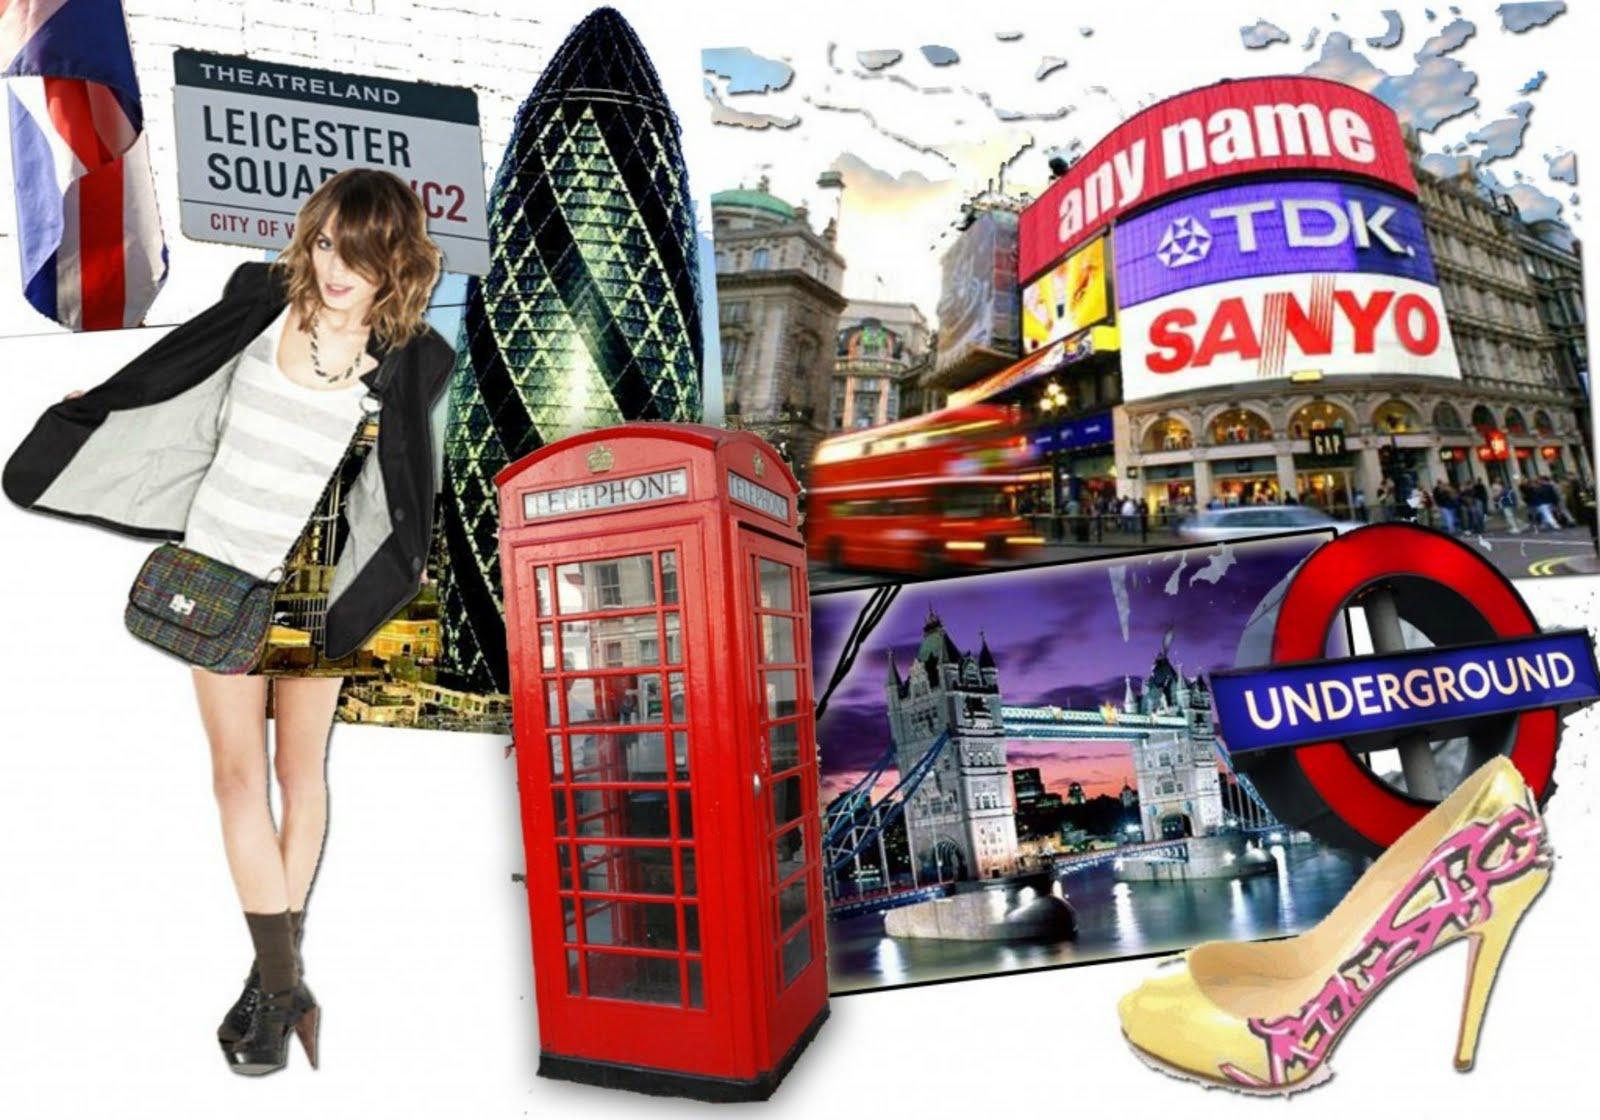 Ama londra negozi di moda a londra for Studiare musica a londra